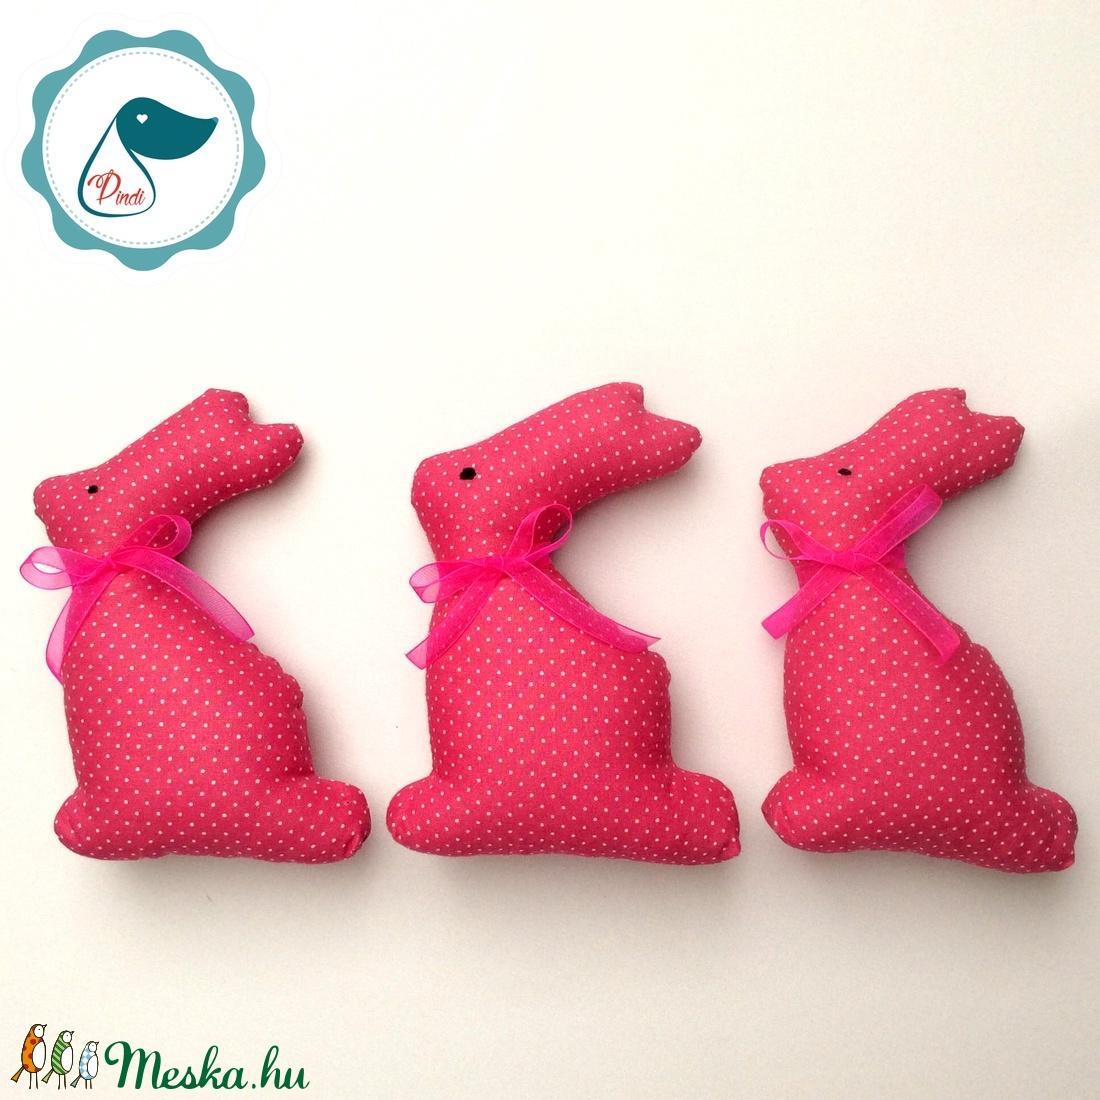 3 db Nyuszi - pink pöttyös egyedi tervezésű kézműves játék - textiljáték -  húsvéti nyúl         - játék & gyerek - plüssállat & játékfigura - nyuszi - Meska.hu